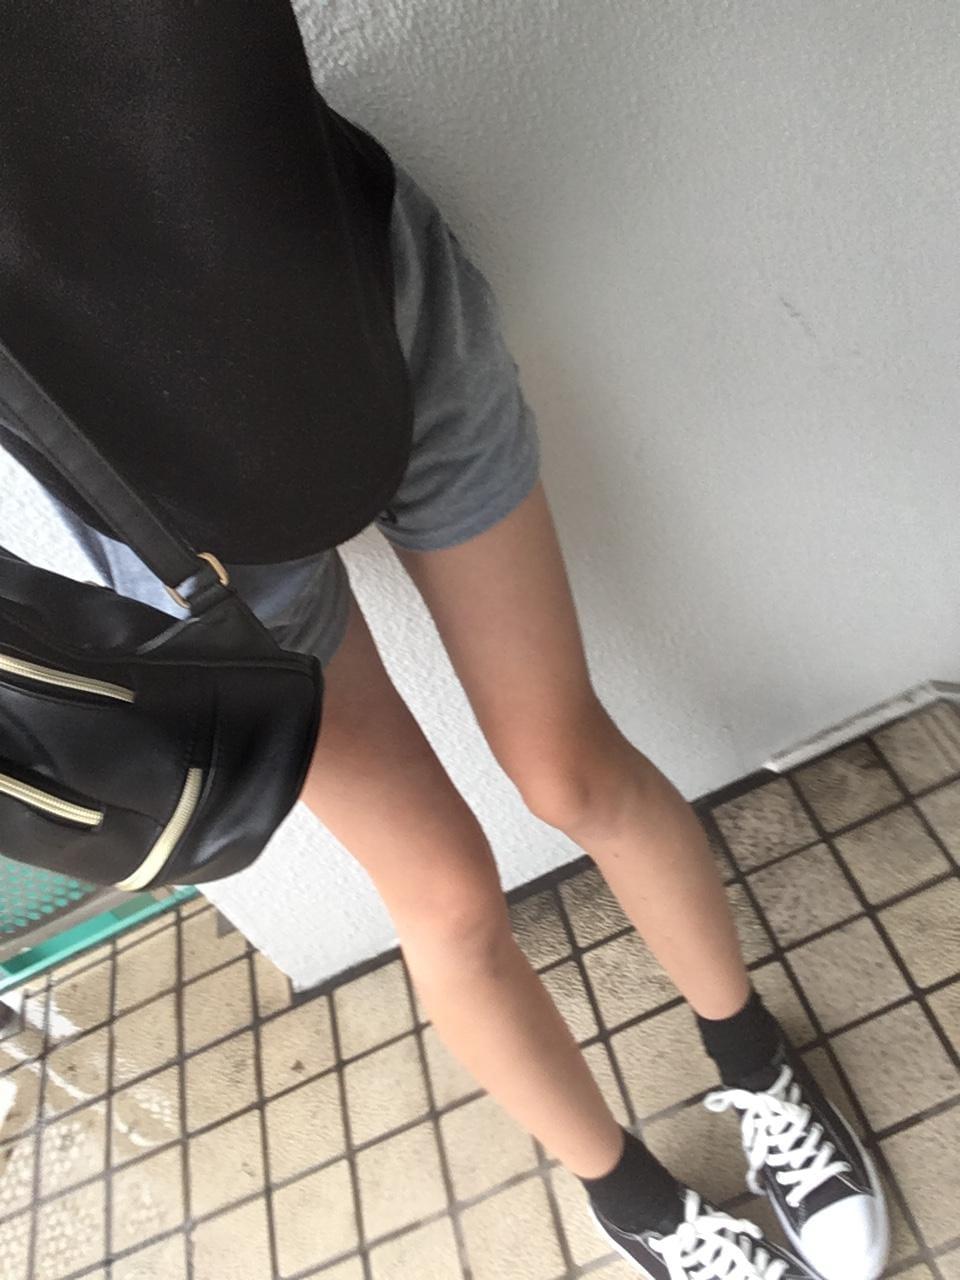 「眠気半端ない時の、ムダな高いテンションは嫌いじゃない。」09/15(09/15) 19:27 | かおるの写メ・風俗動画